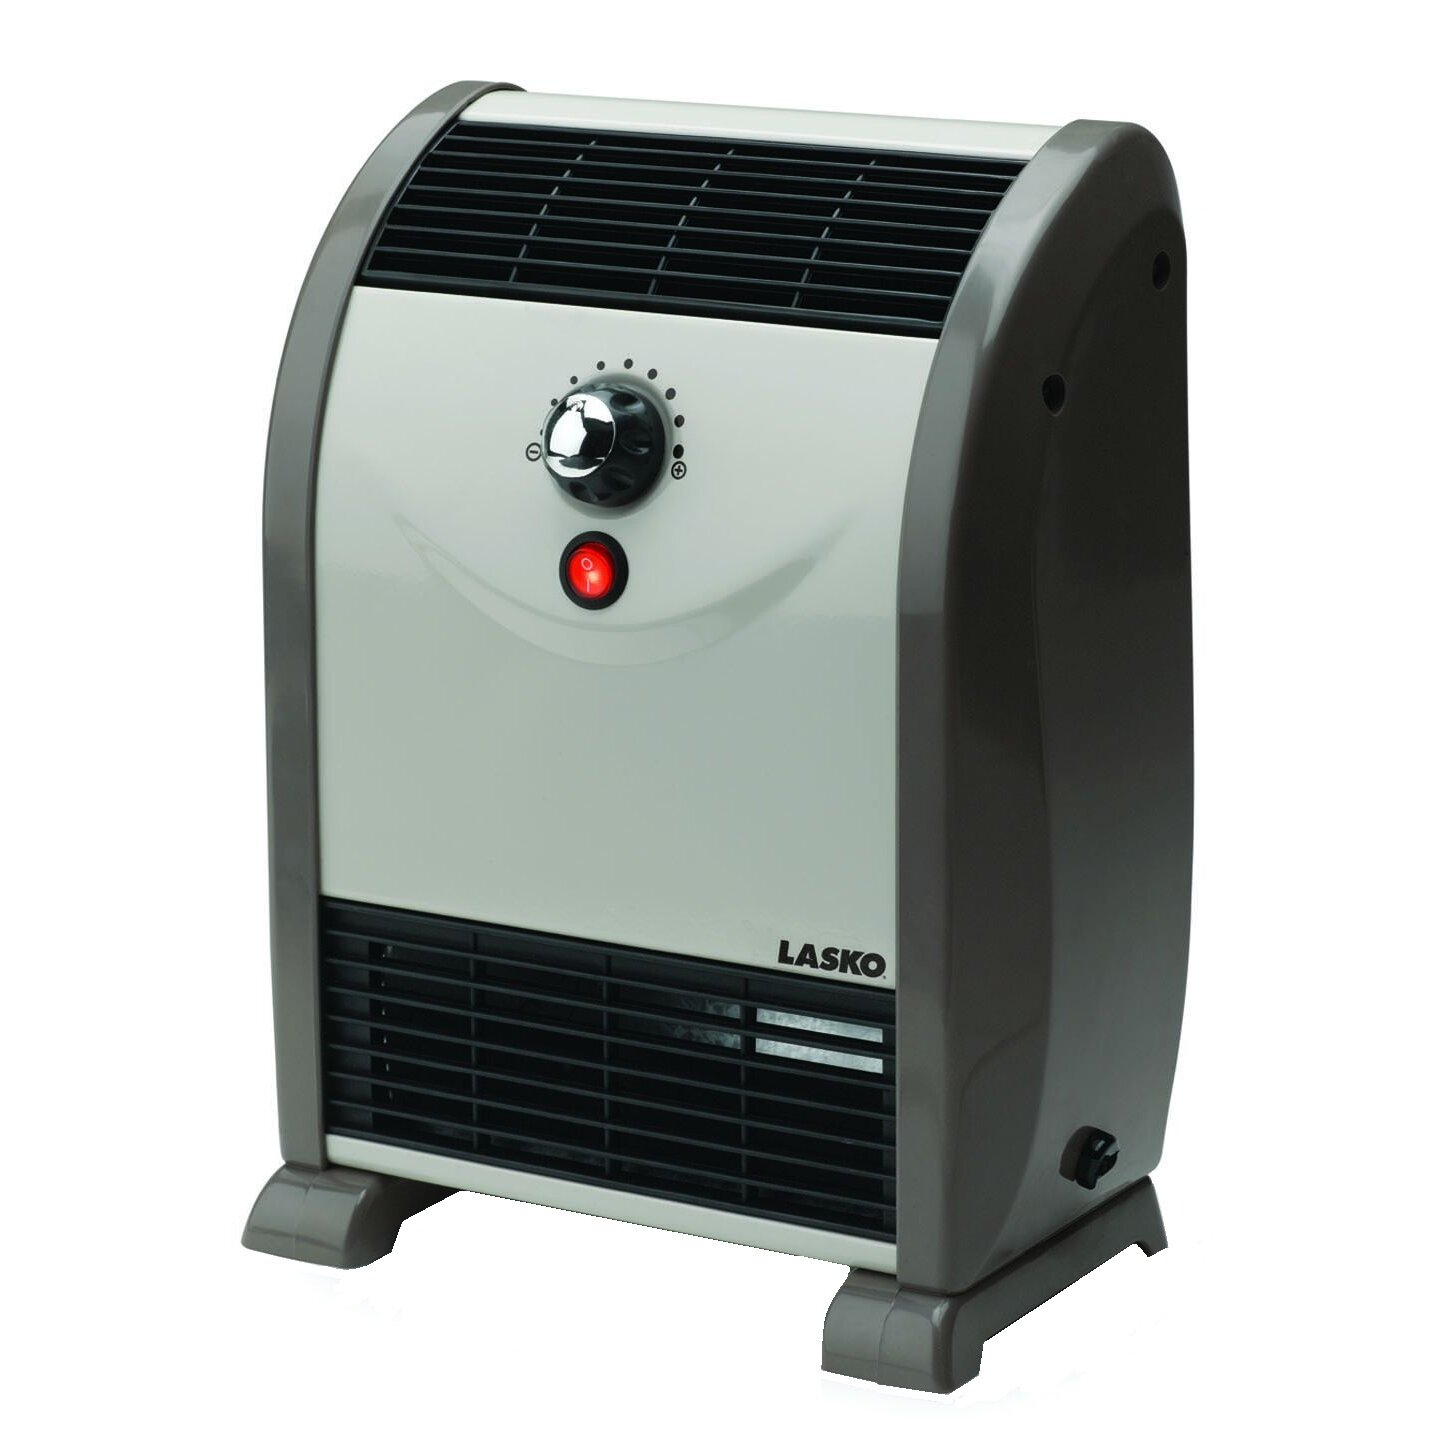 Lasko 1500 Watt Portable Electric Fan Compact Heater with